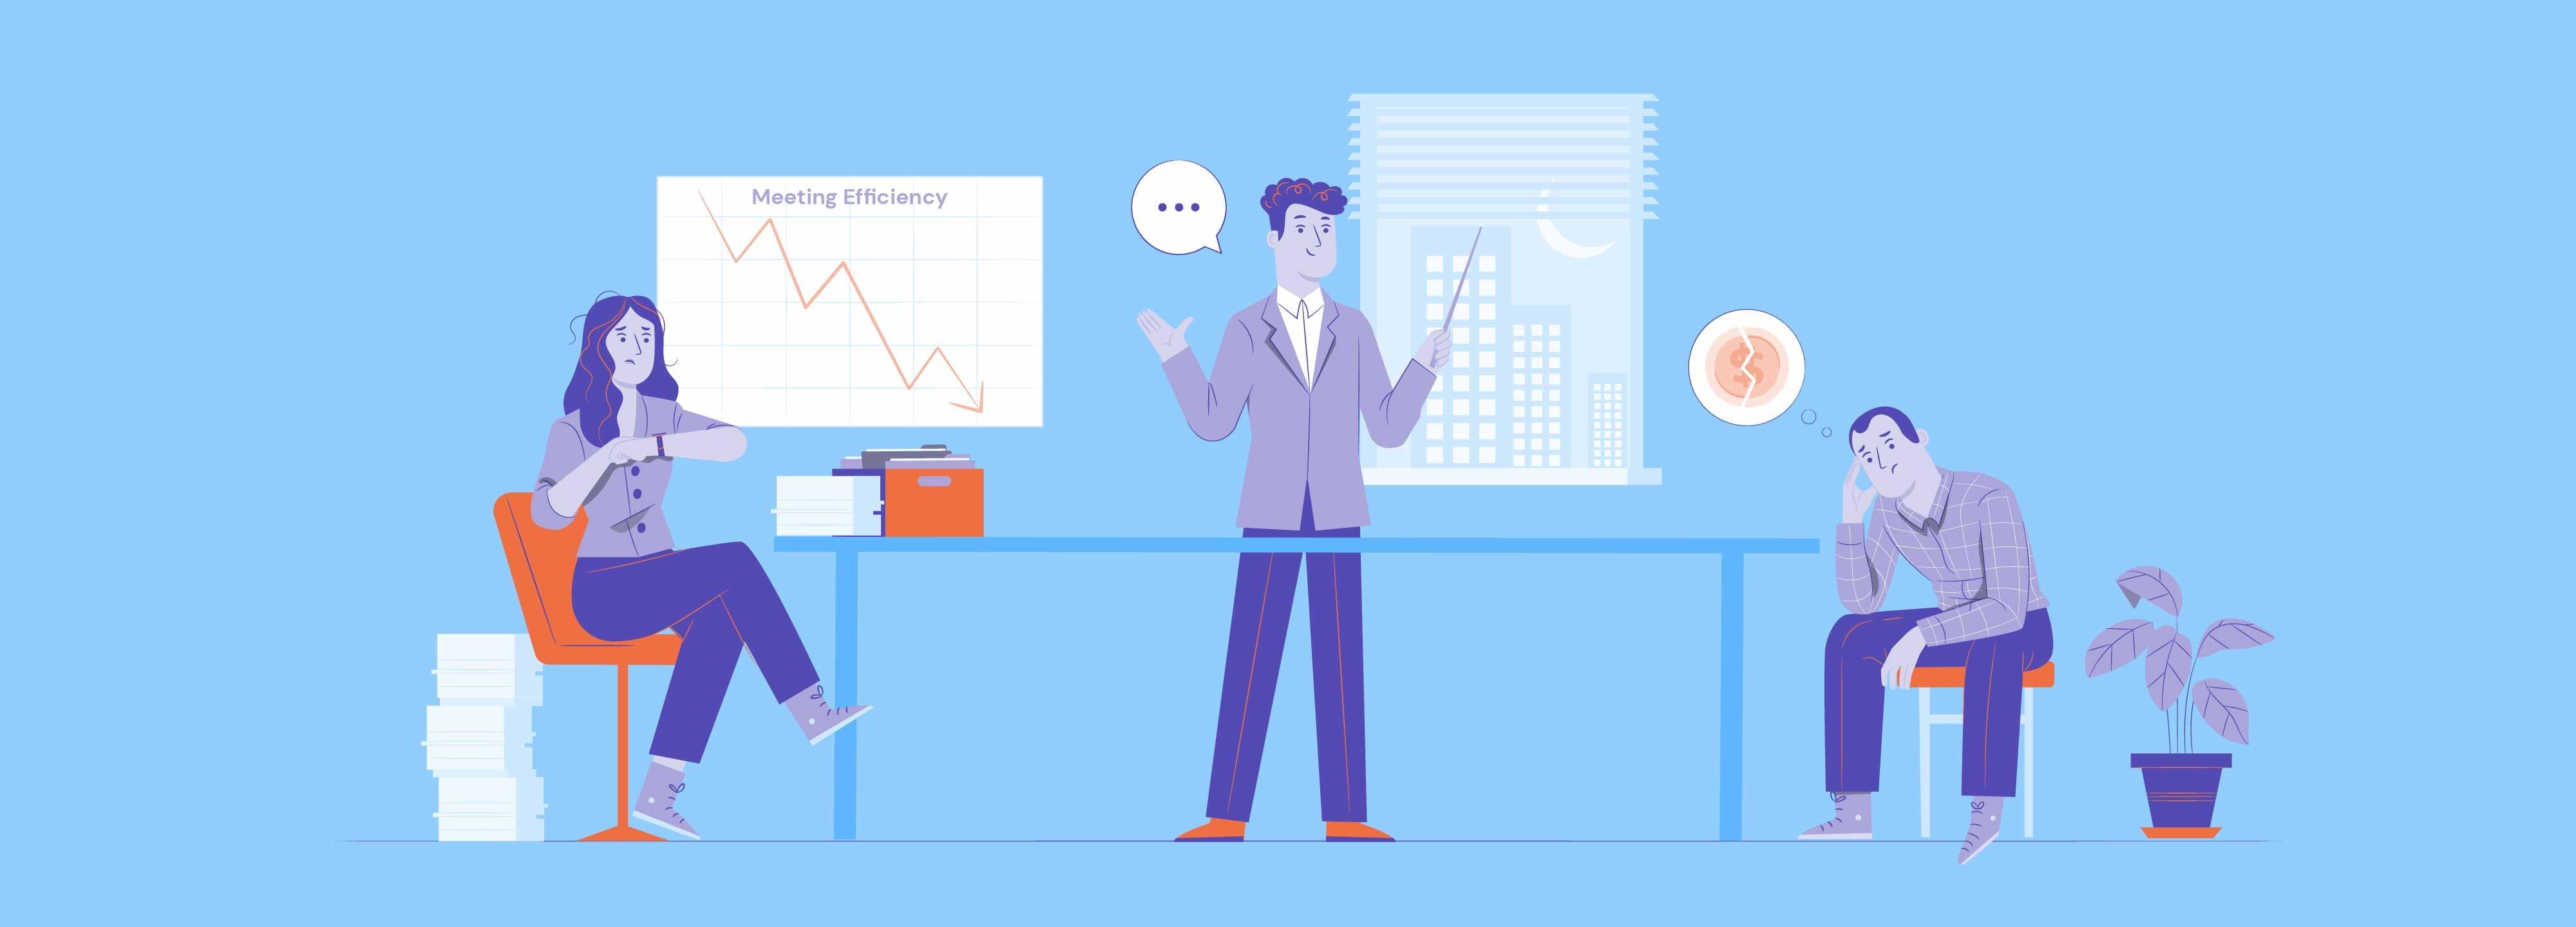 Avoid ineffective meetings